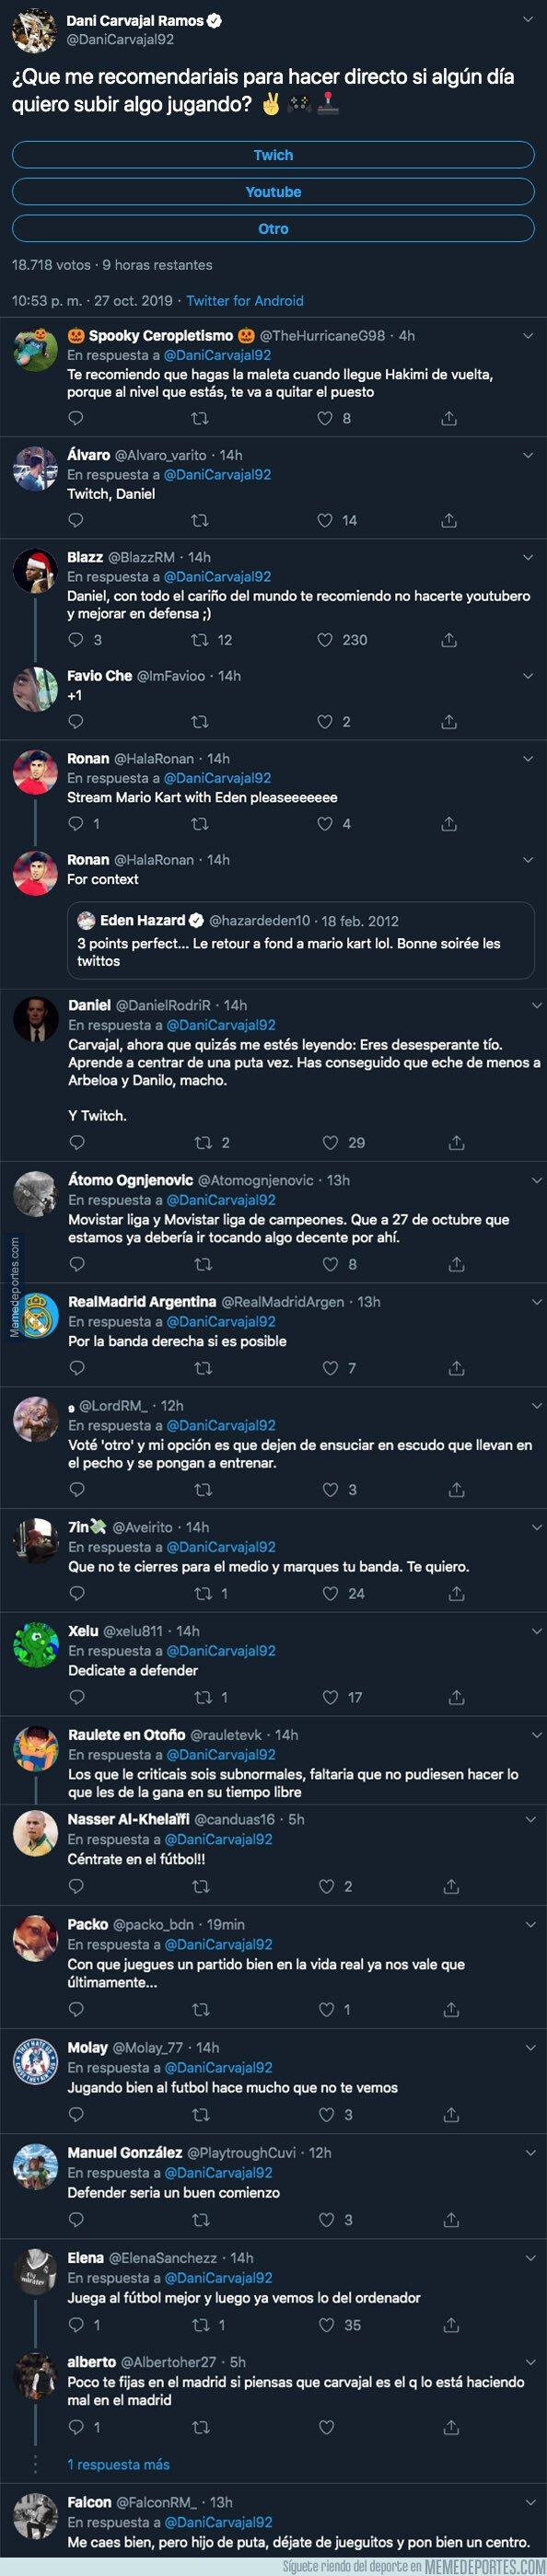 1089484 - Dani Carvajal pregunta en que plataforma puede subir vídeos suyos jugando a videojuegos y la gente no tiene piedad en las respuestas